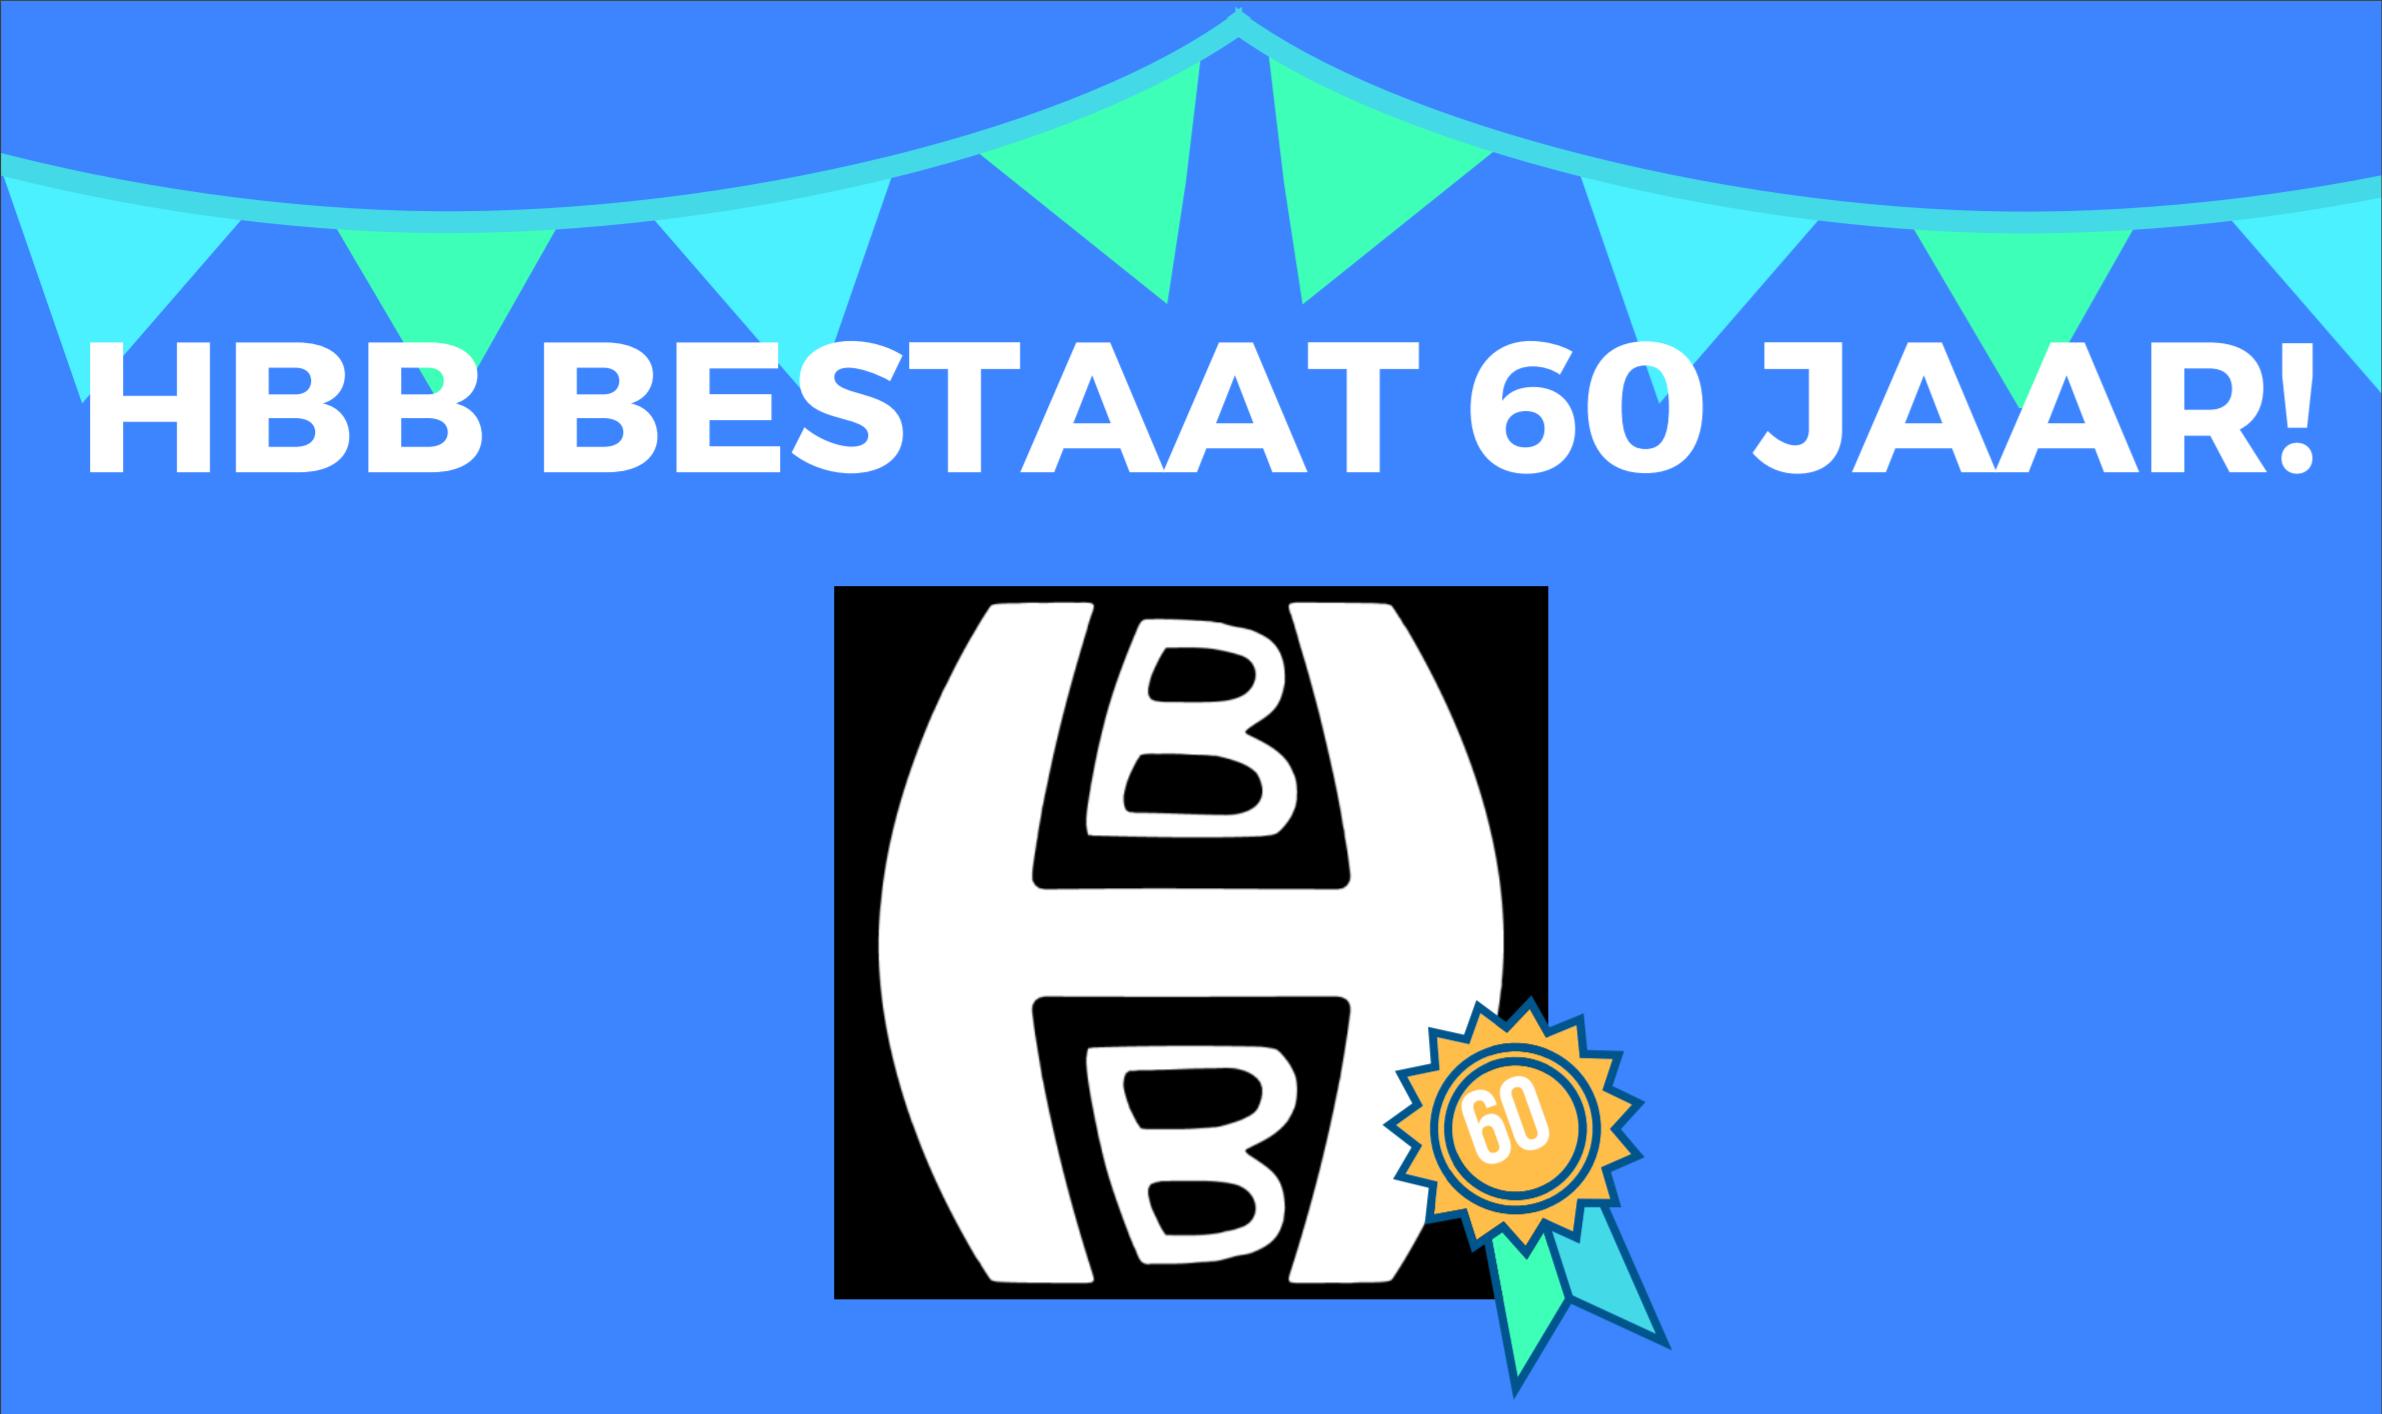 Uitnodiging HBB Jubileumtoernooi 60 jarig bestaan!